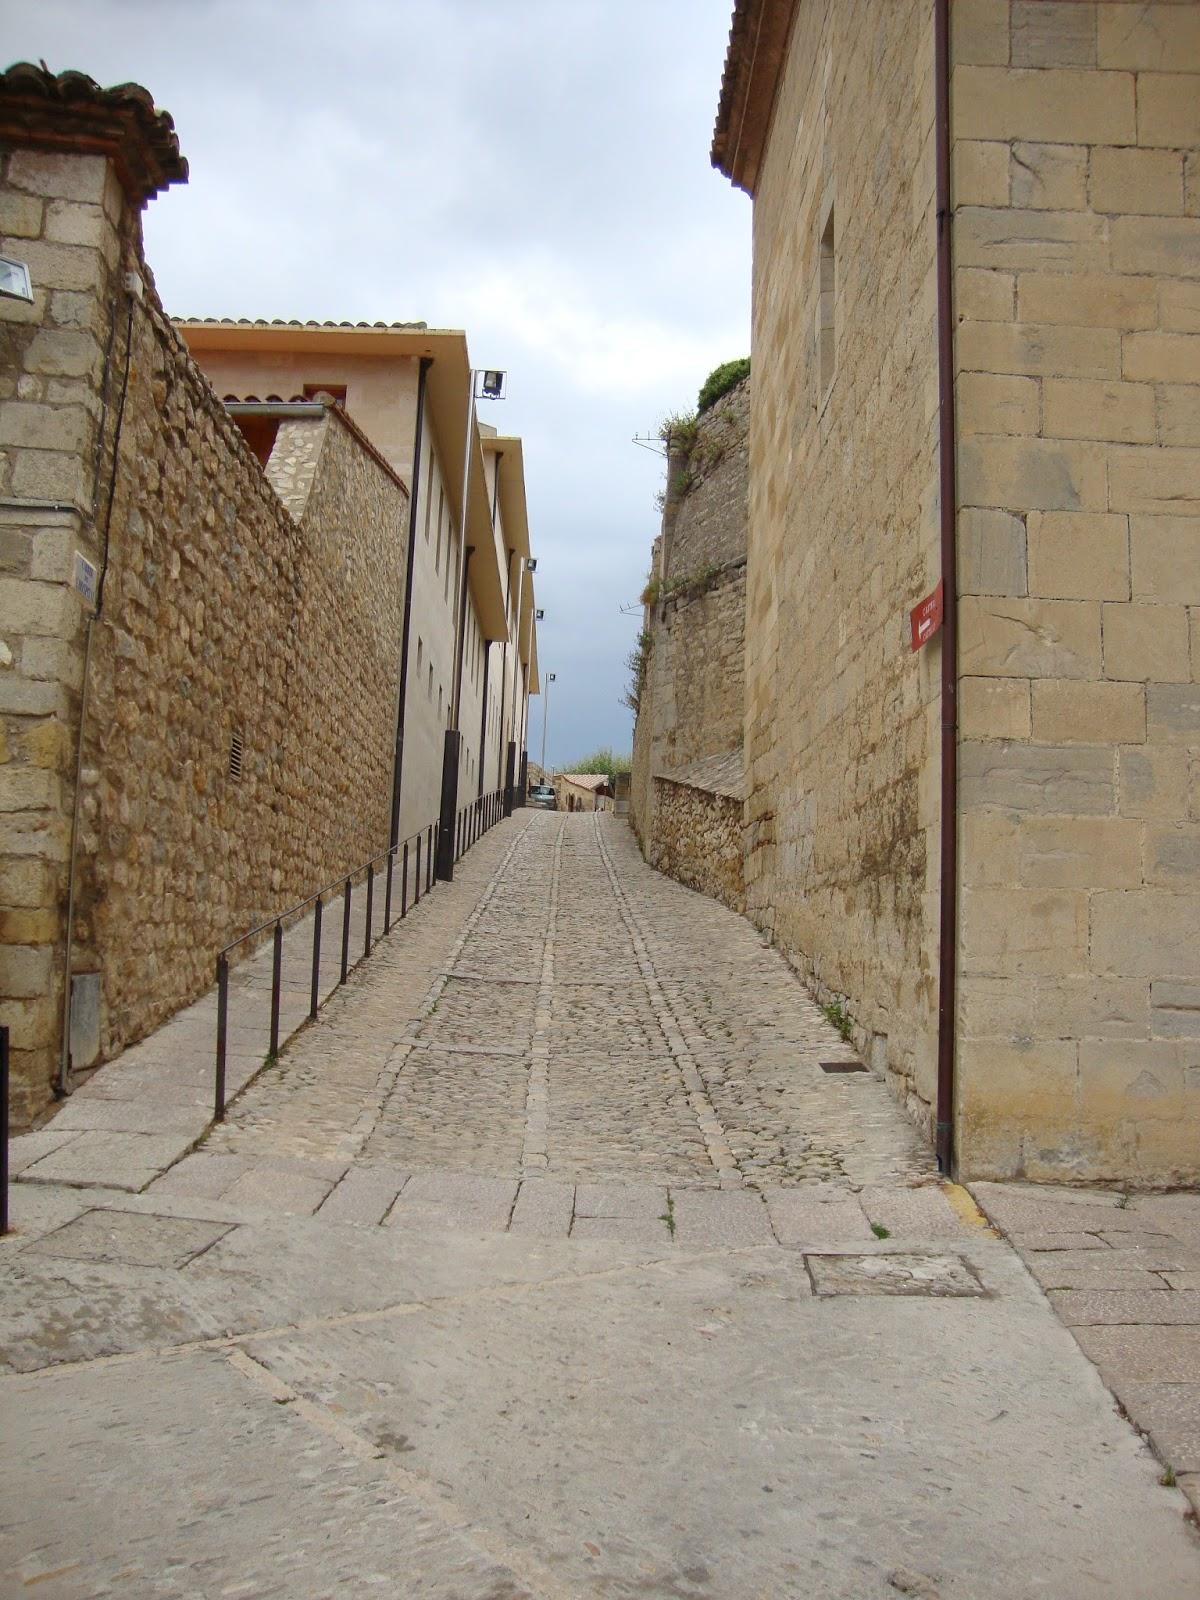 Morella castell n touradapt for Oficina turismo morella